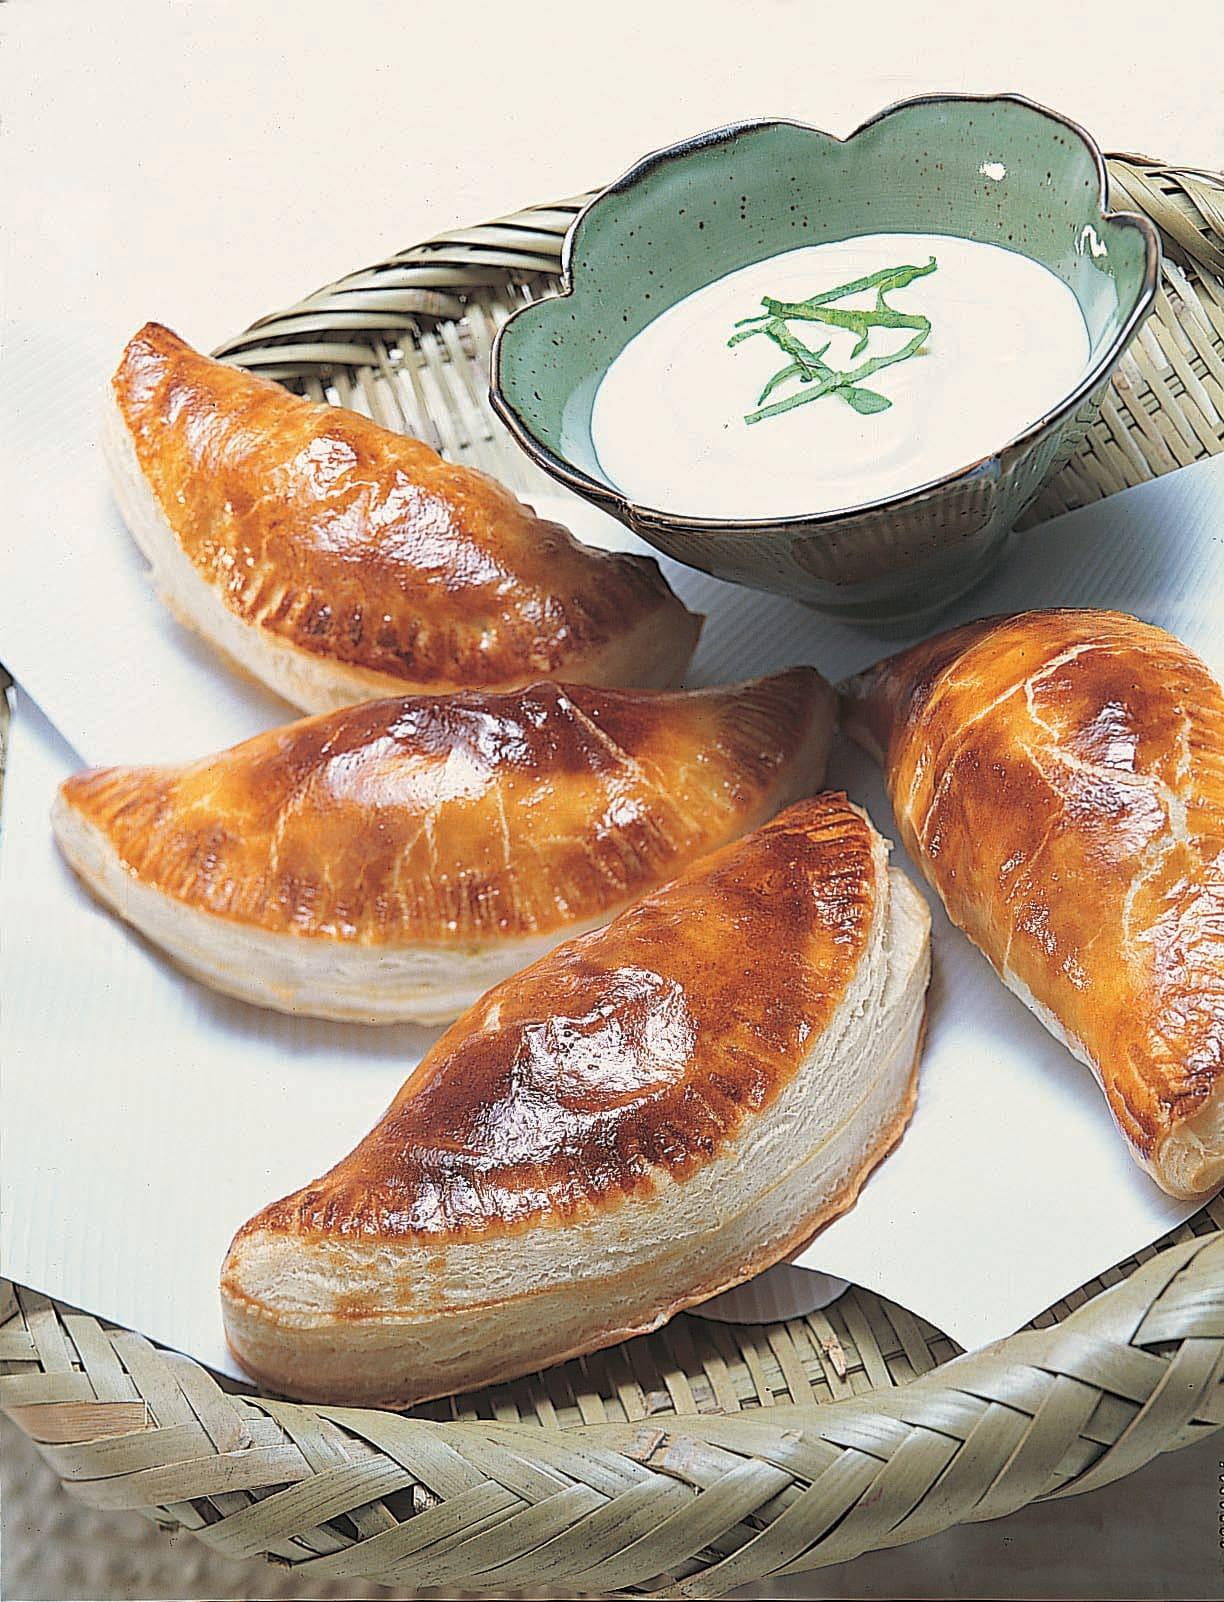 Chaussons légumes et fromage - sauce yogourt à l'oseille